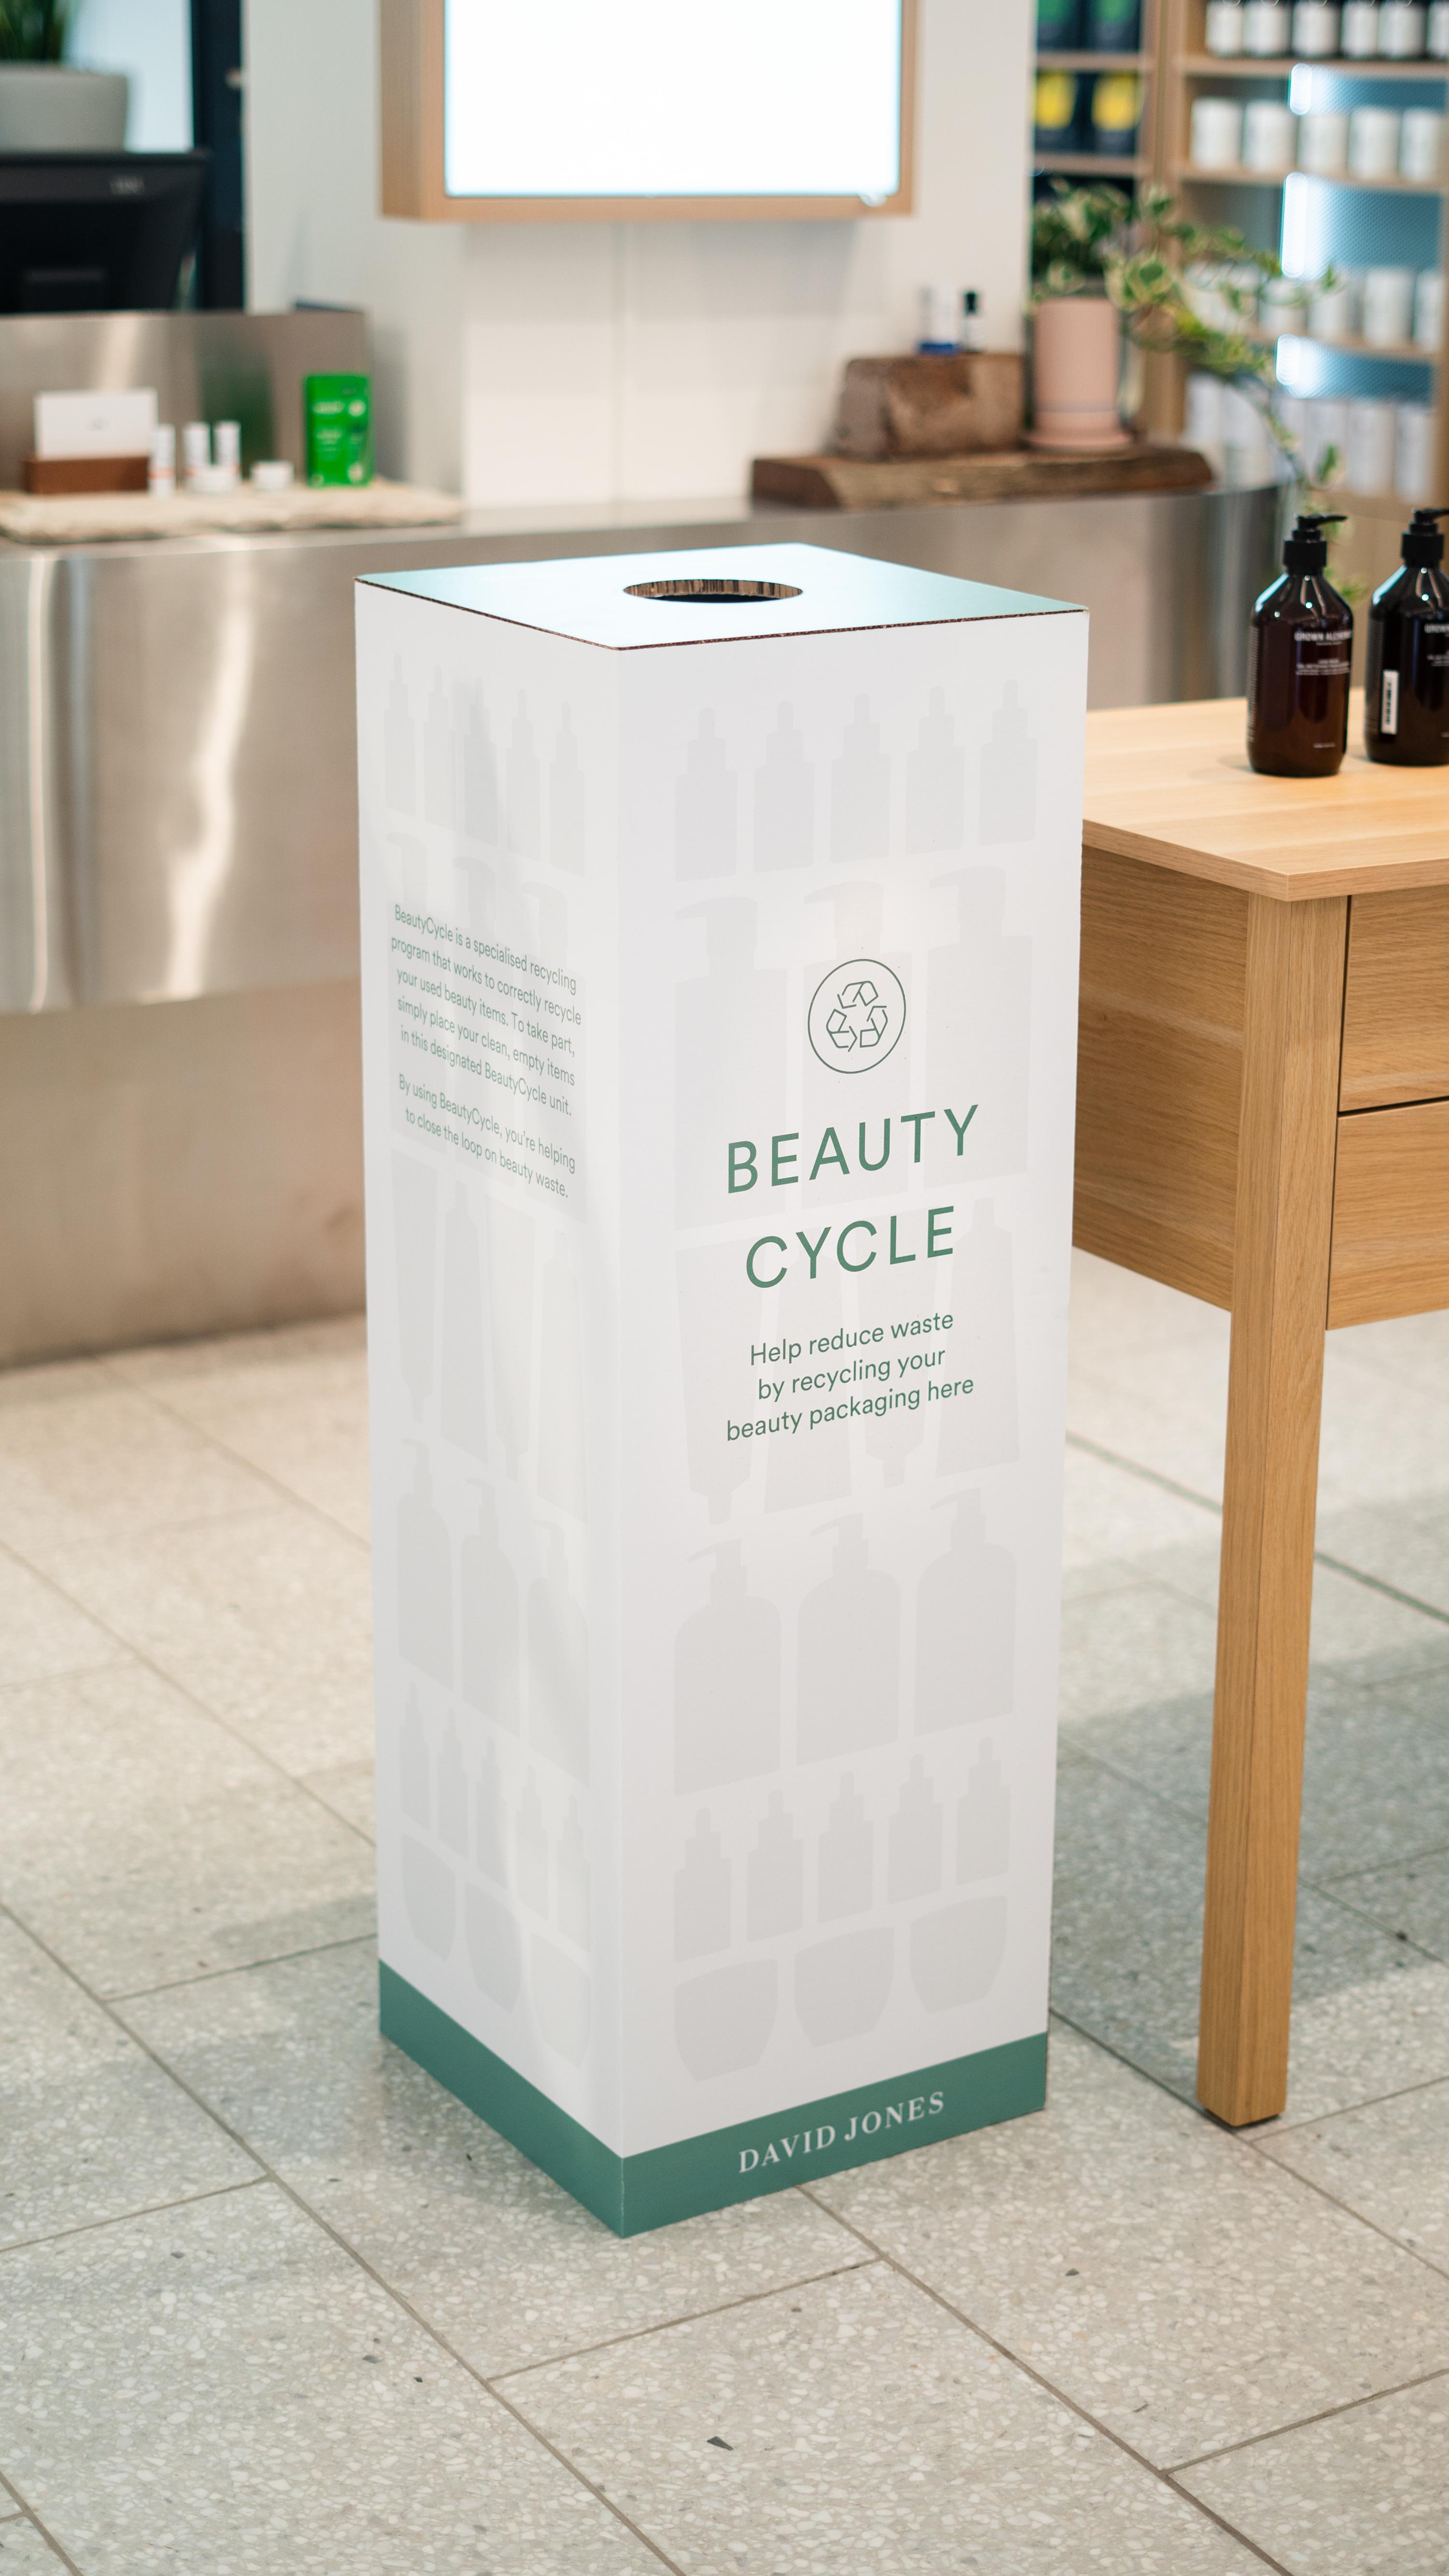 a large cardboard bin